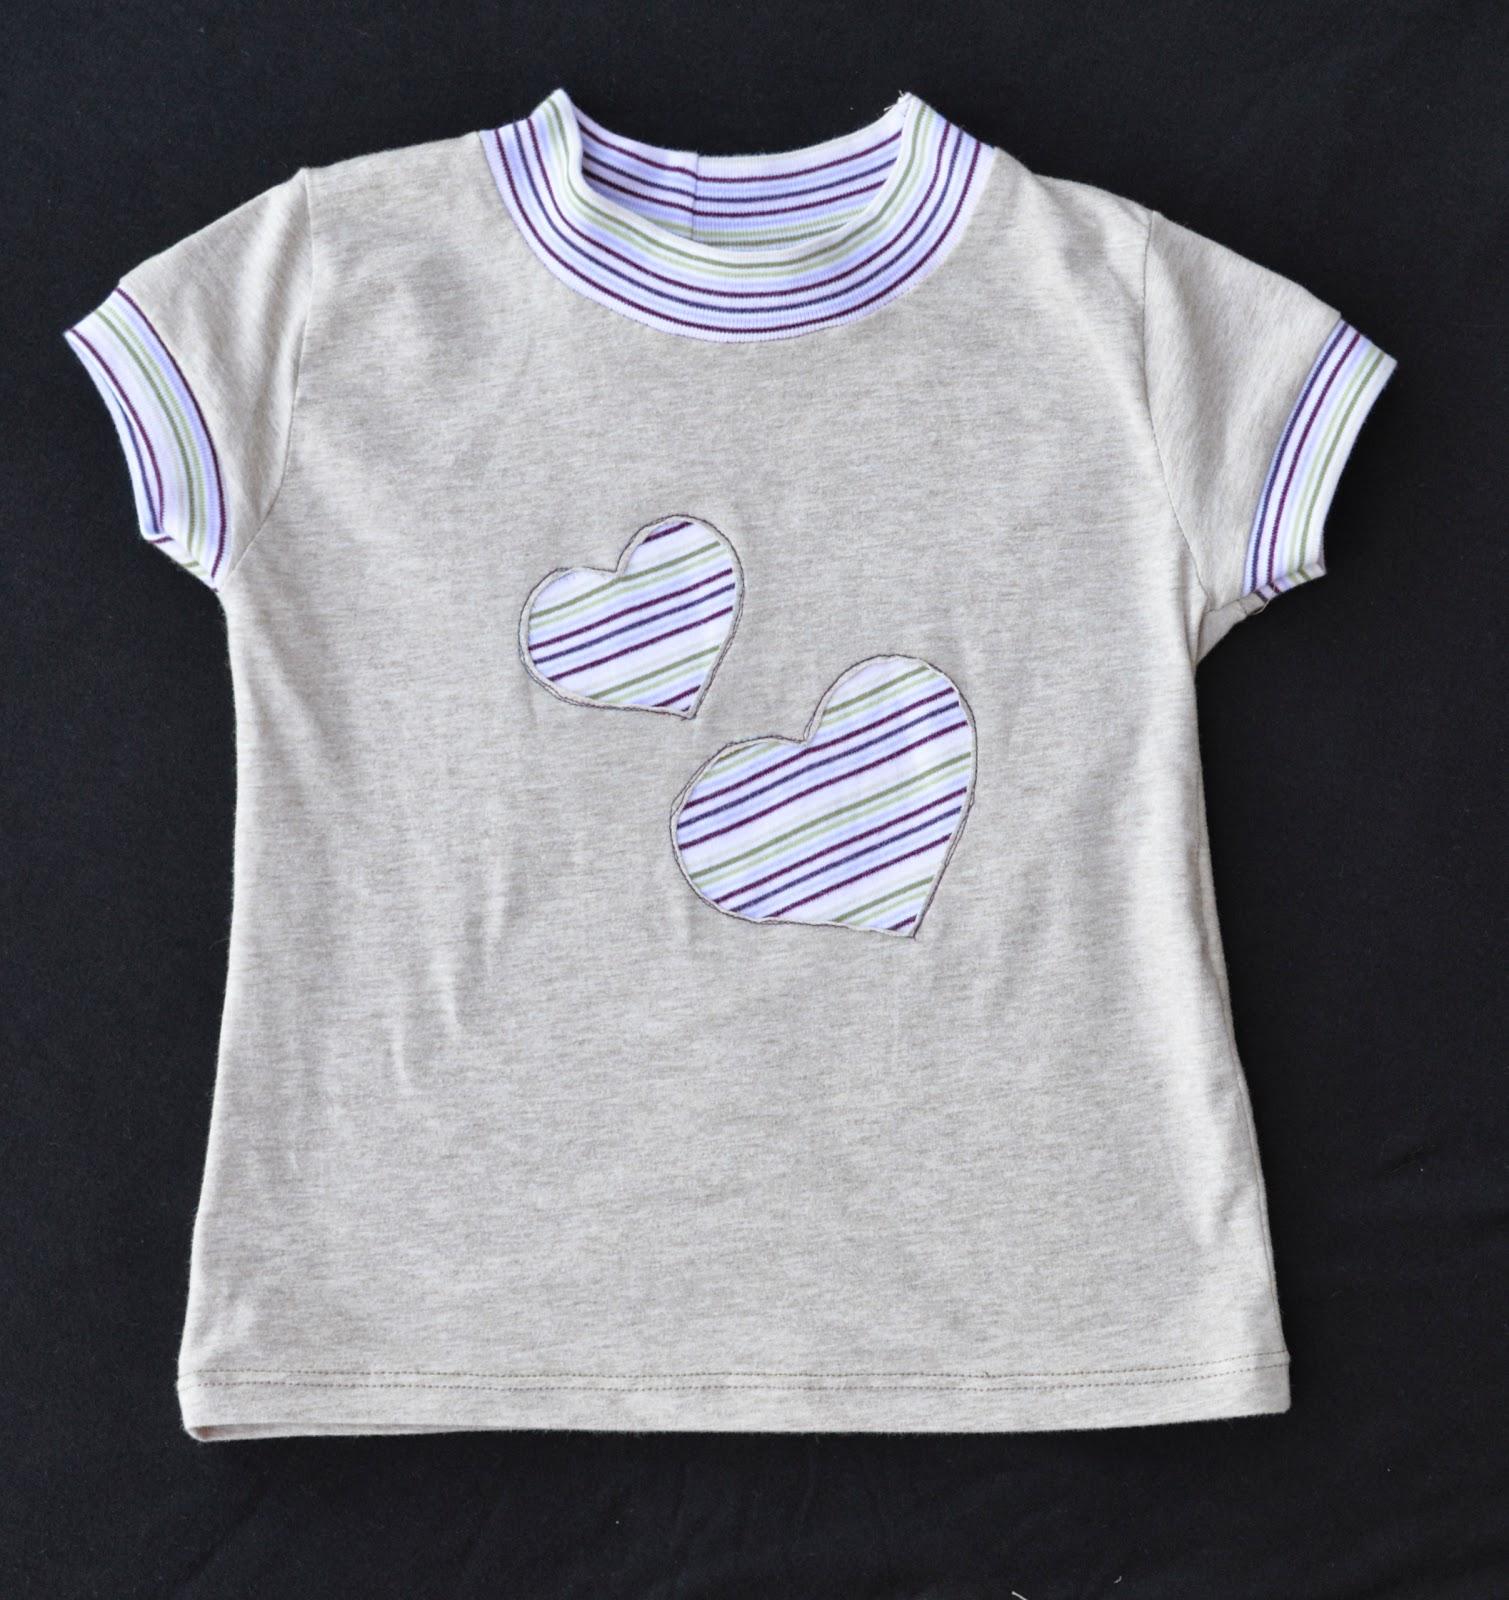 t-shirt reafashion